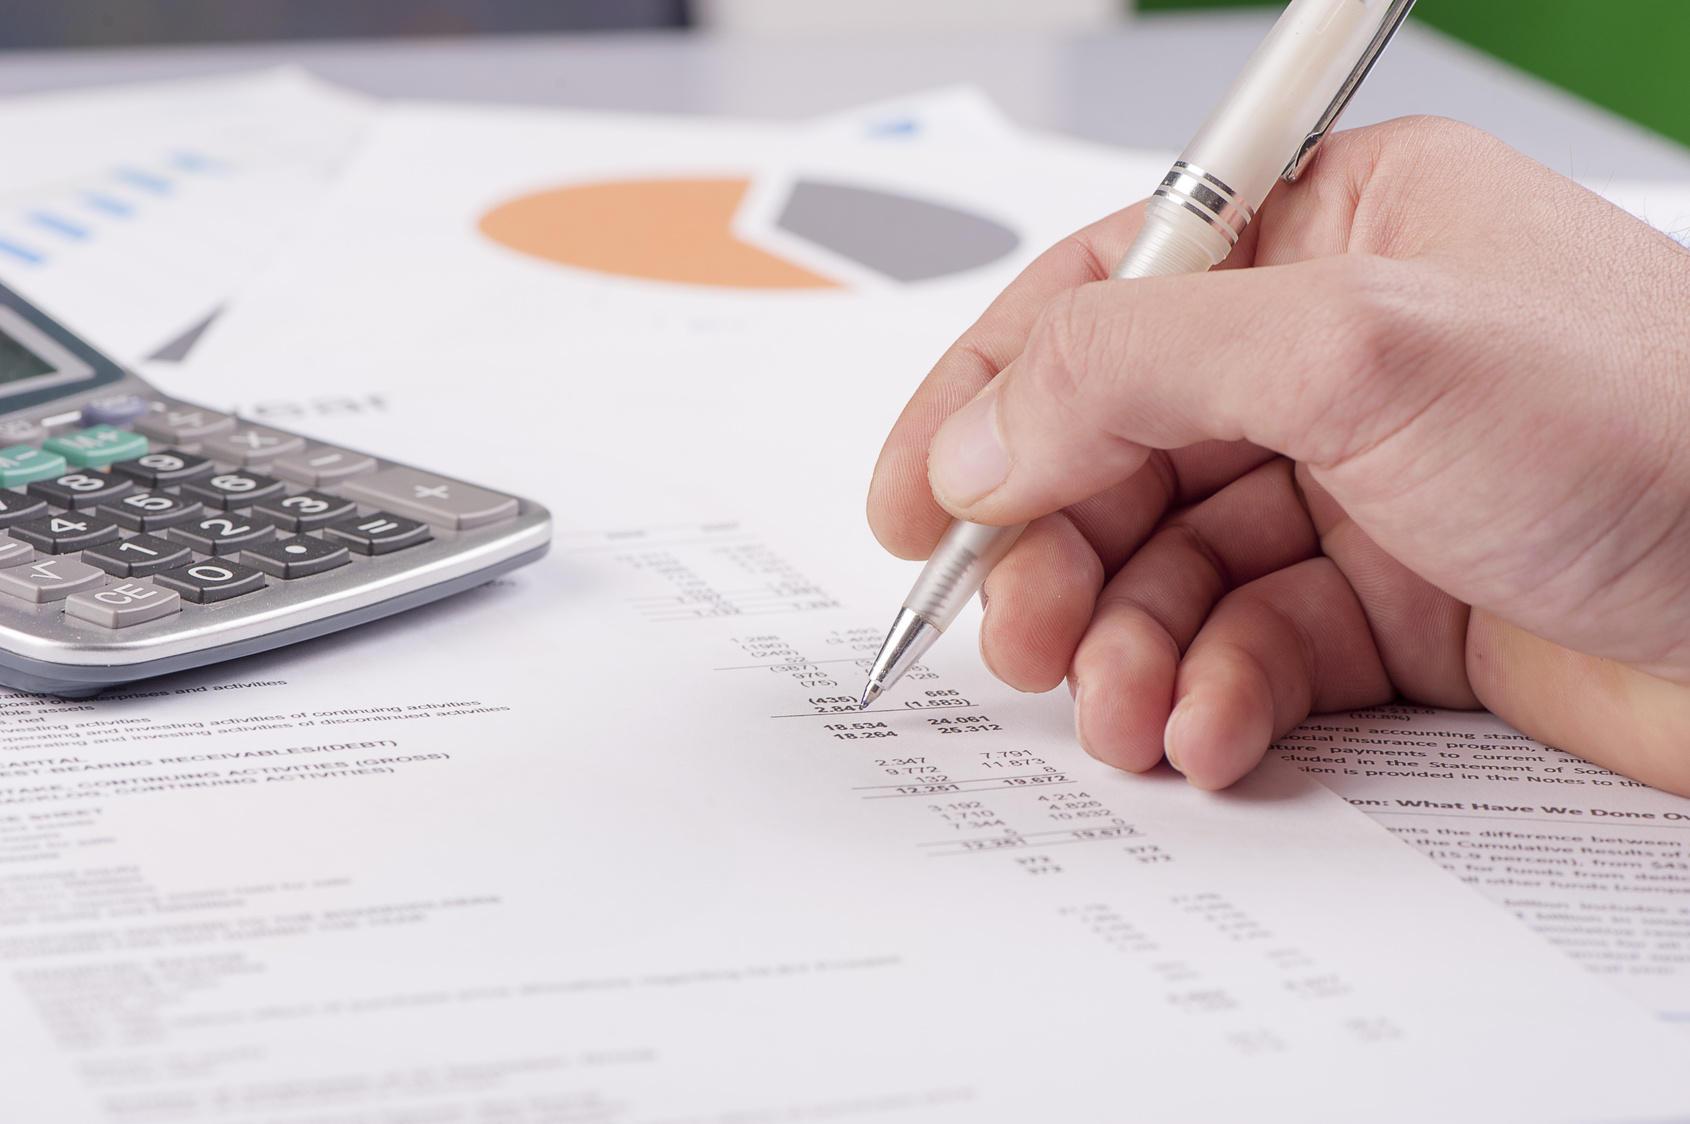 Как получить обратно страховку после выплаты кредита